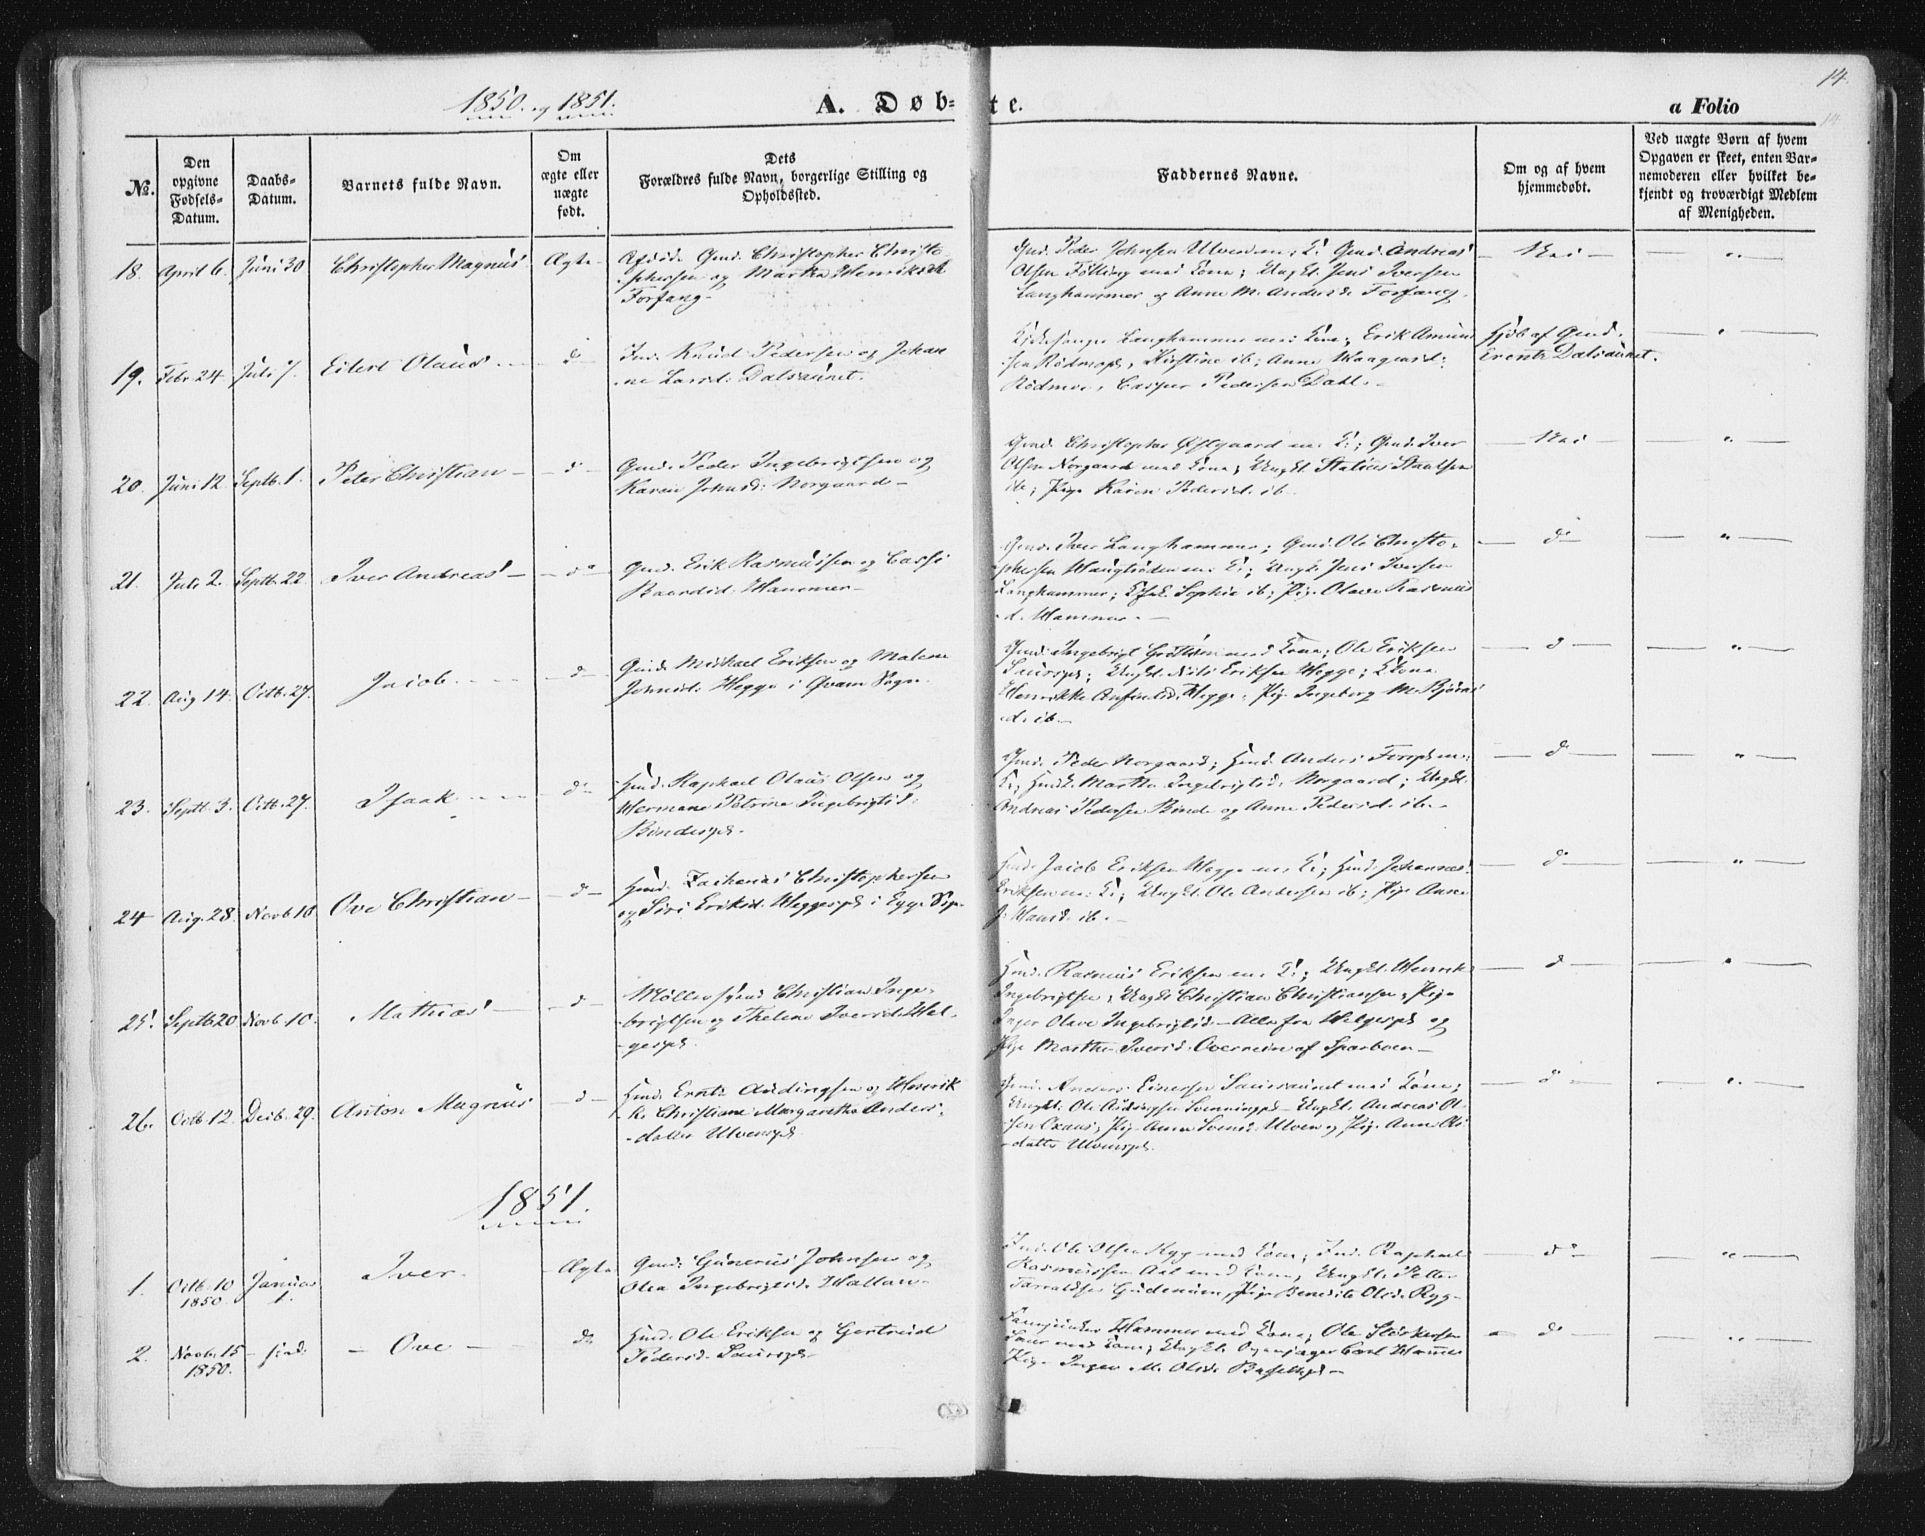 SAT, Ministerialprotokoller, klokkerbøker og fødselsregistre - Nord-Trøndelag, 746/L0446: Ministerialbok nr. 746A05, 1846-1859, s. 14